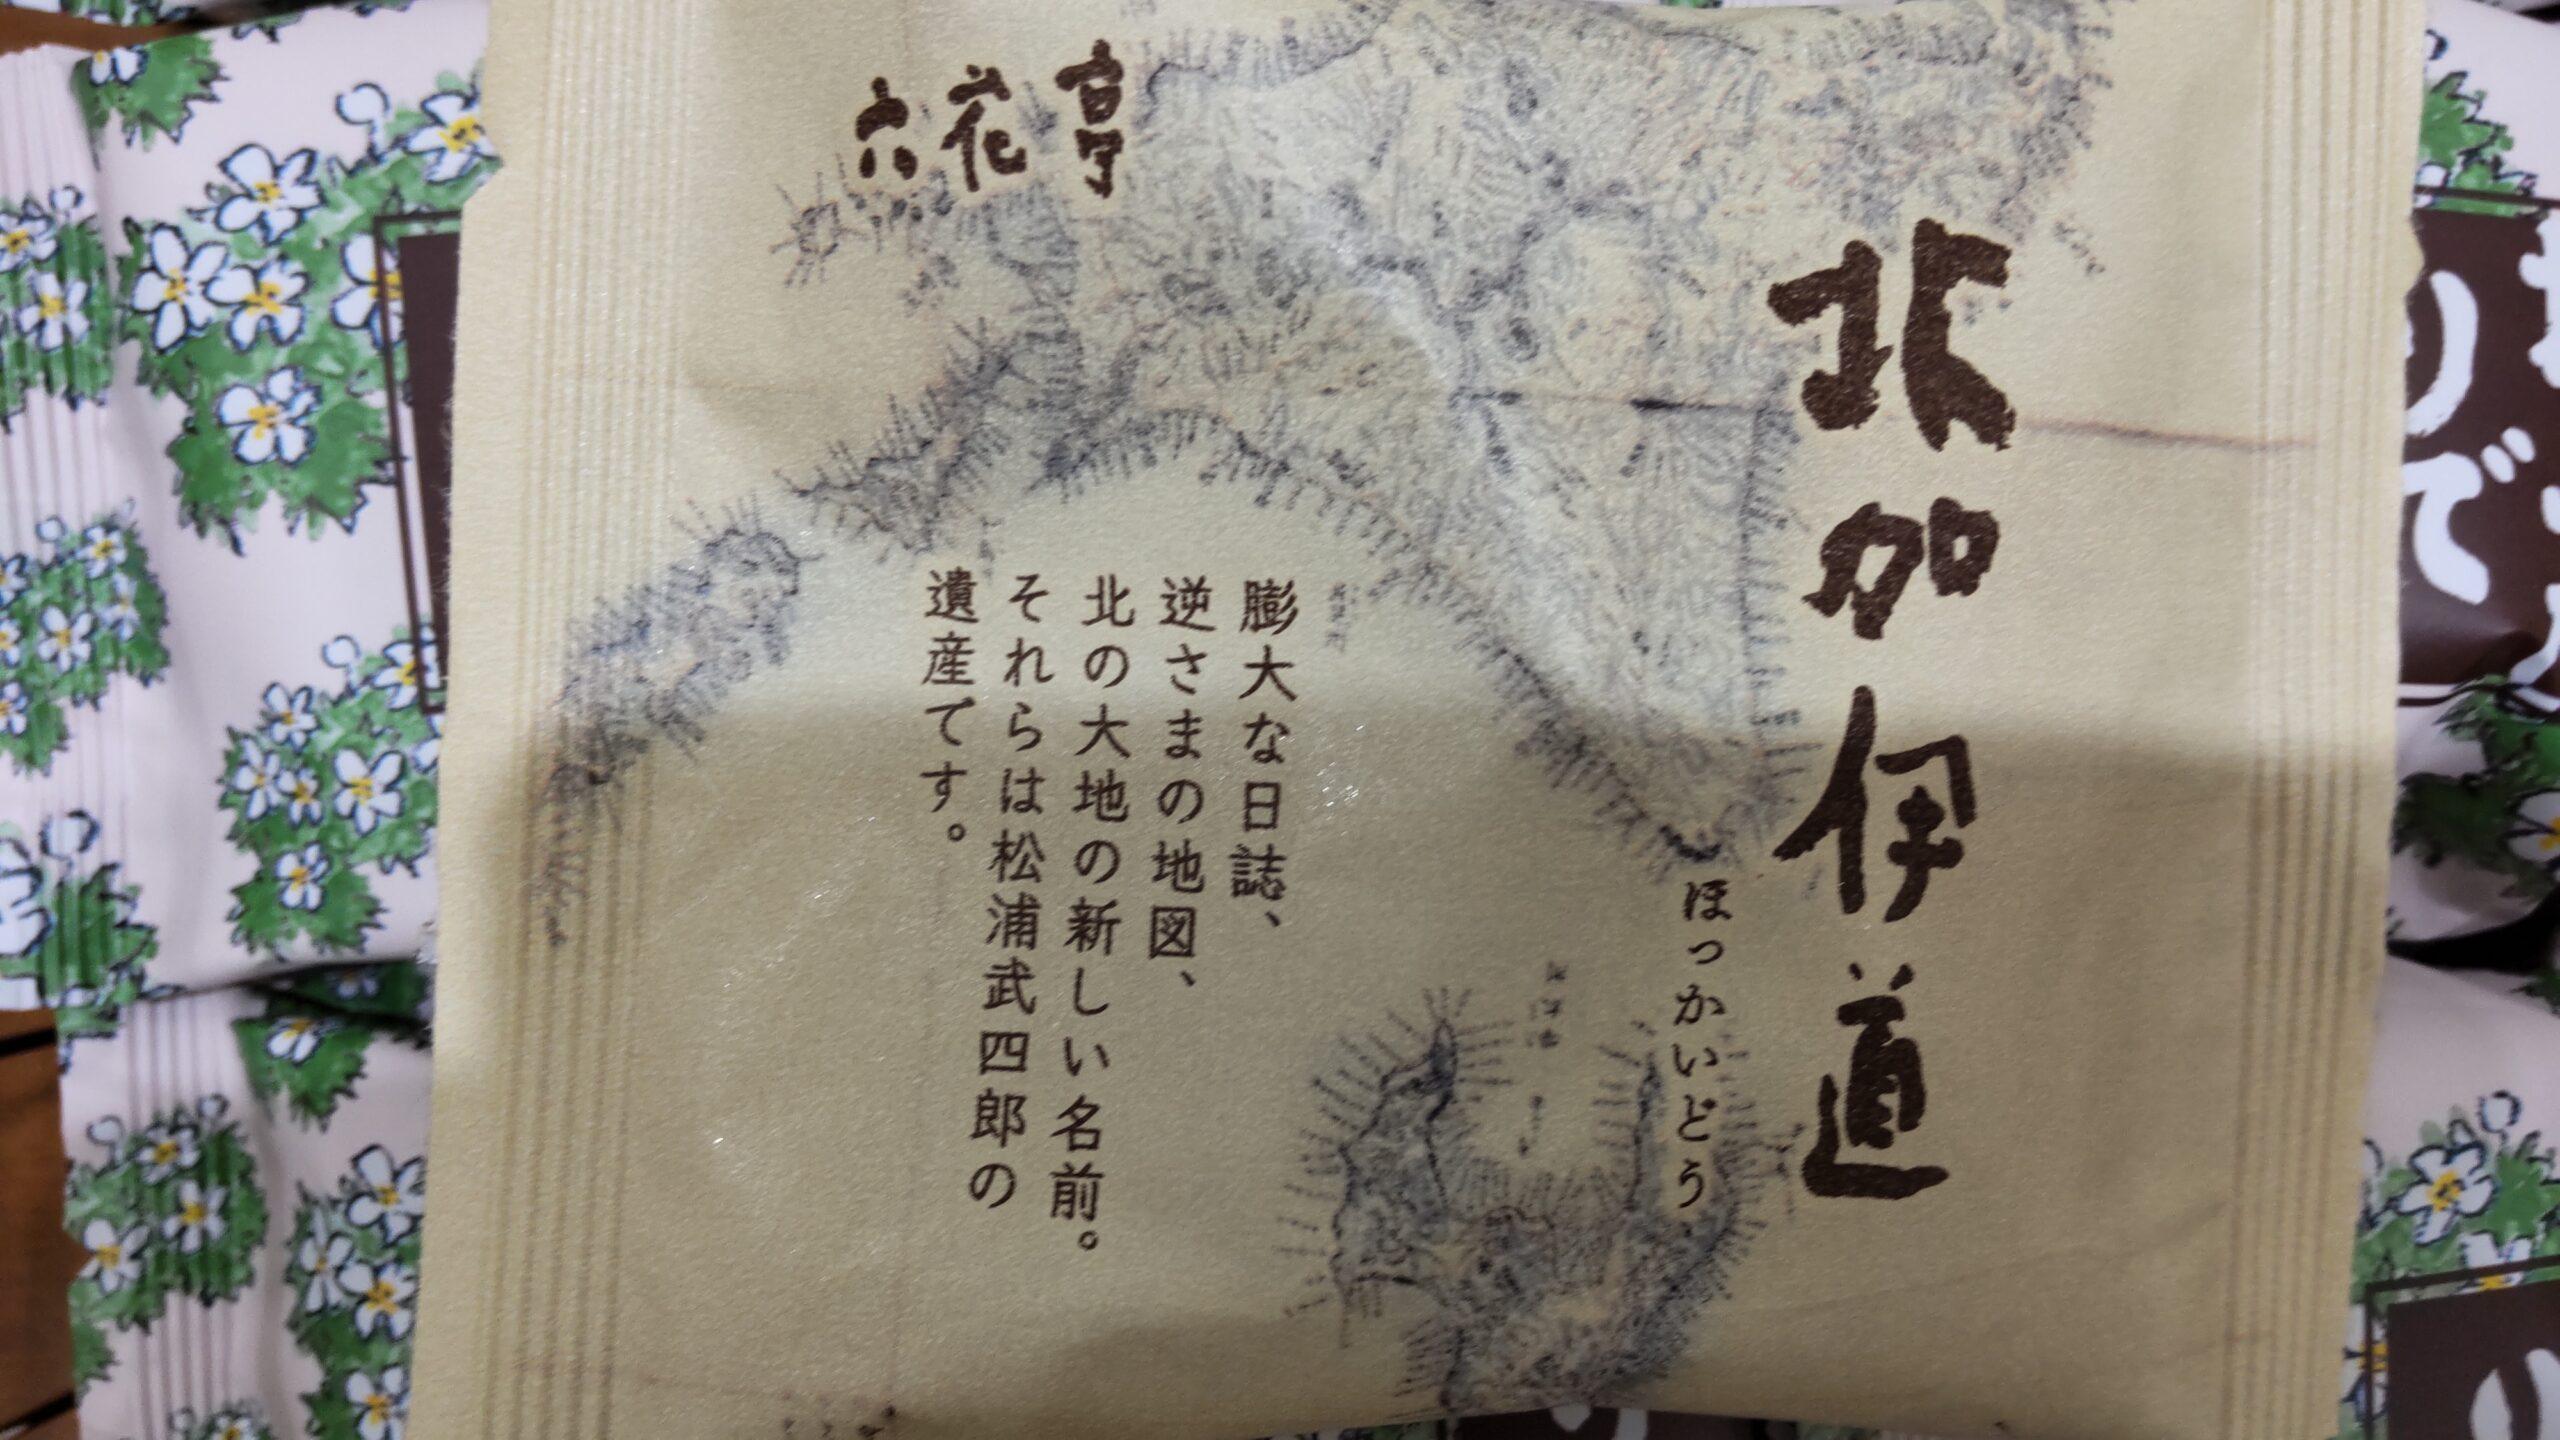 北加伊道(ほっかいどう)